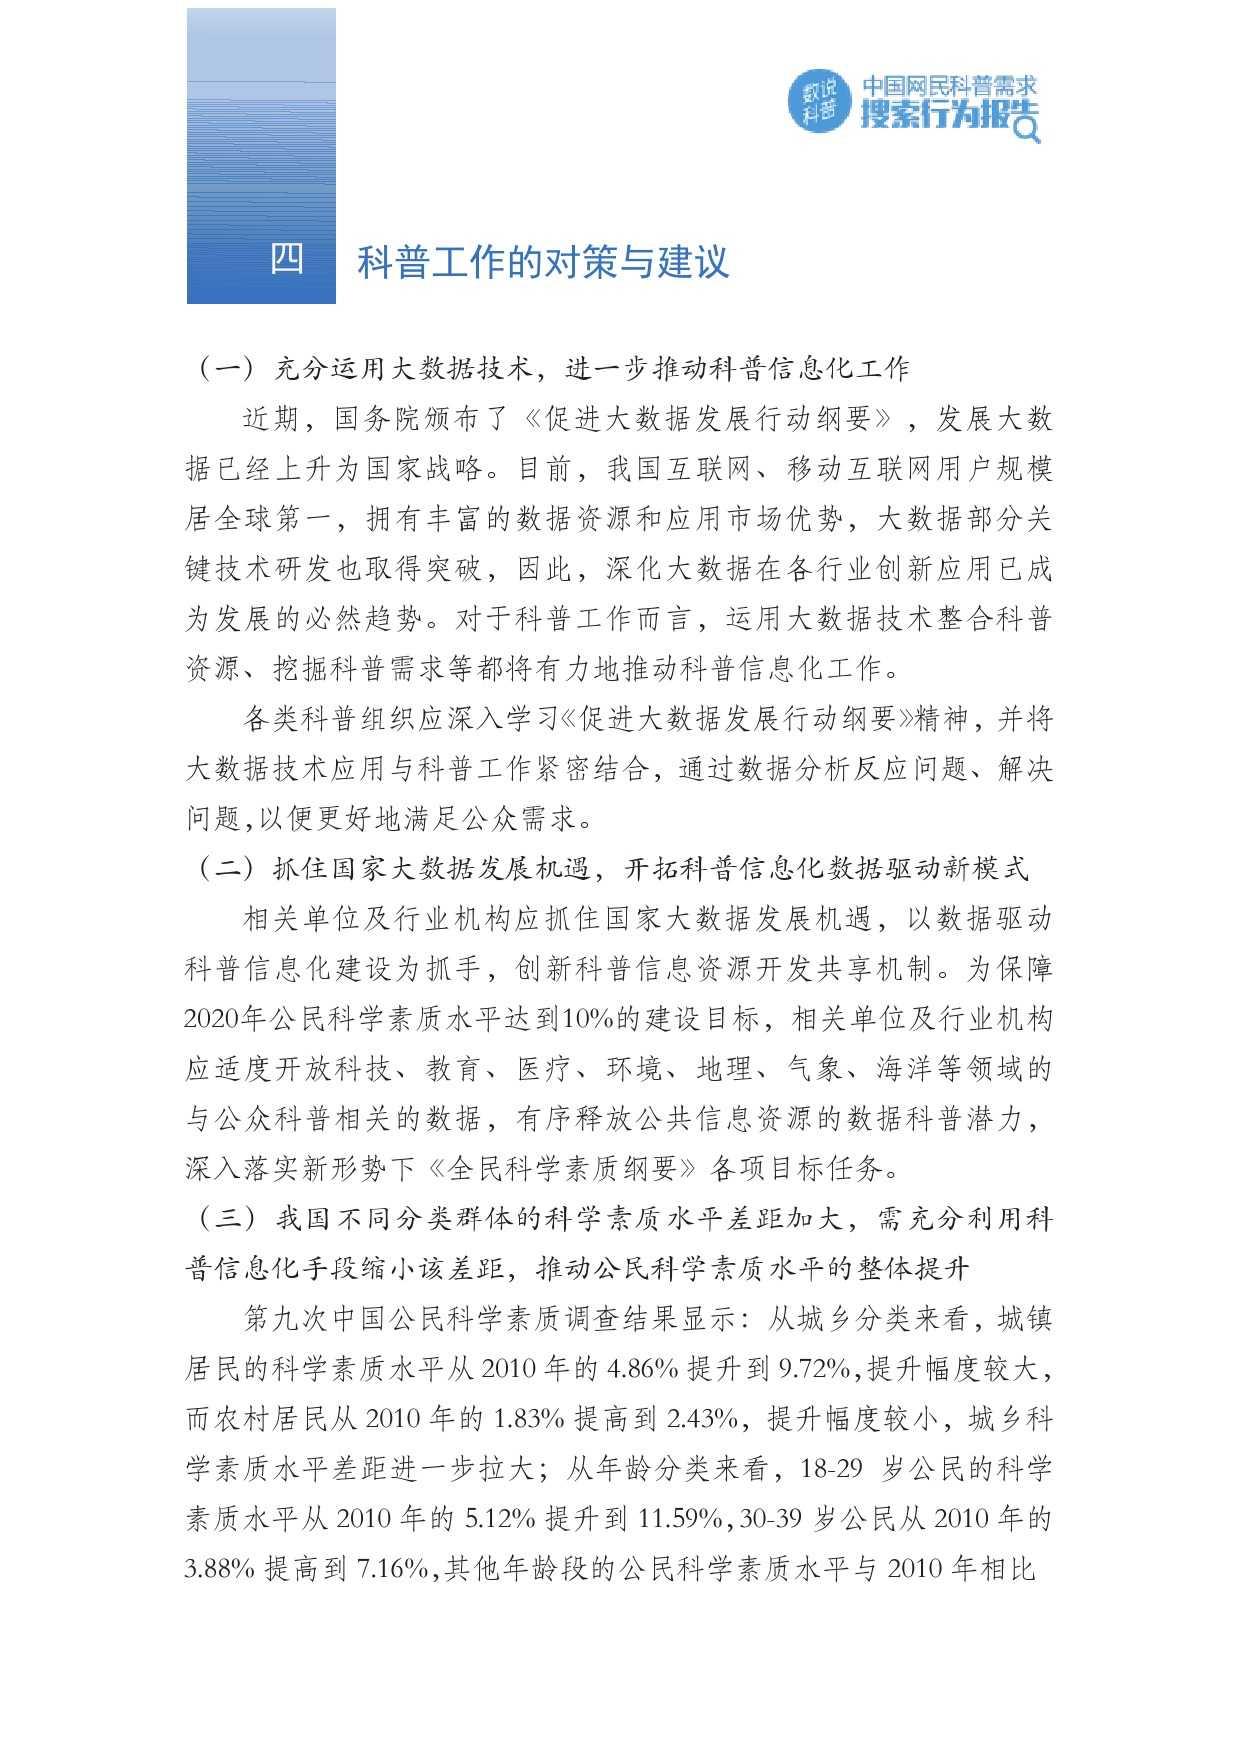 百度:2015年Q2中国网民科普需求搜索行为报告_000013